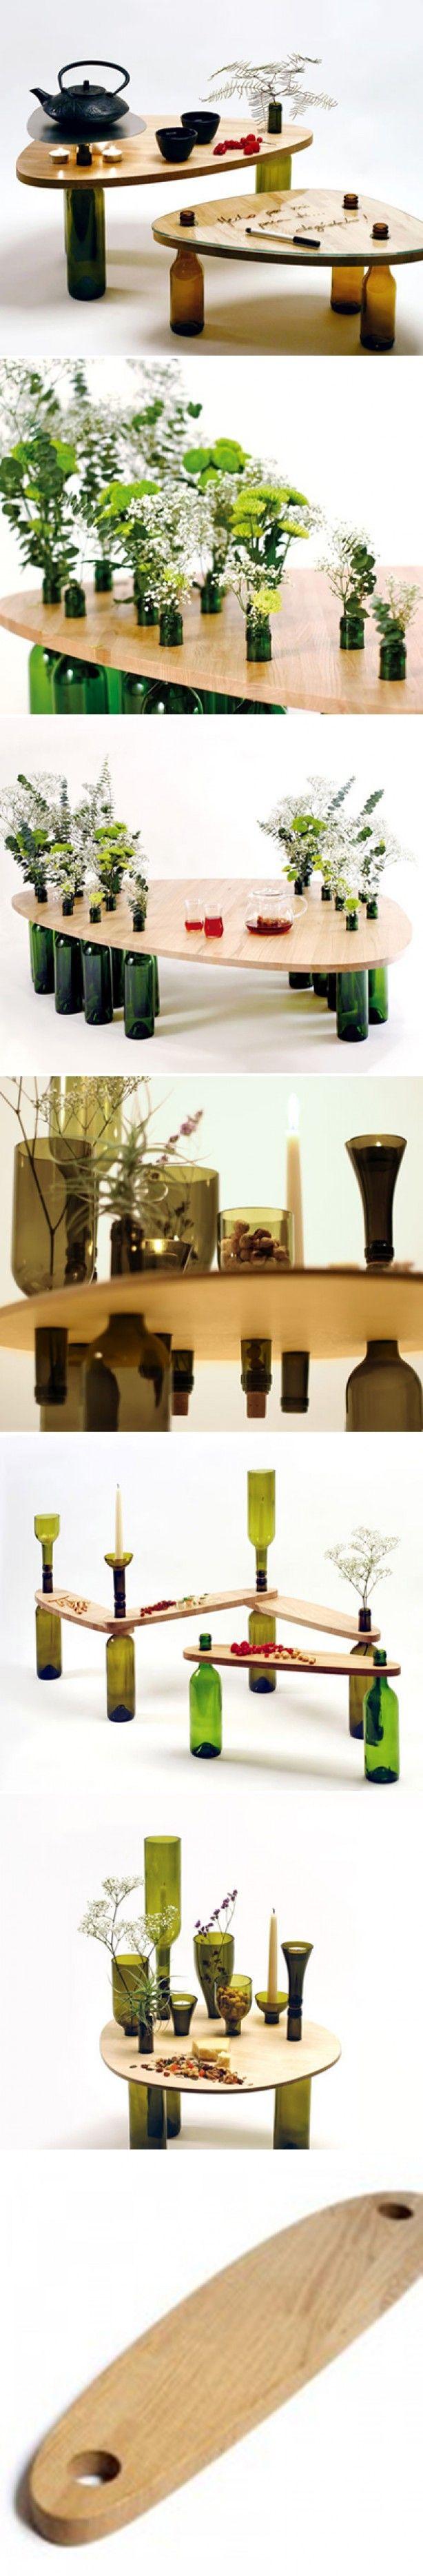 25 beste idee n over wijn kamers op pinterest wijnkelders wijnkelder modern en wijnkelder - Moderne wijnkelder ...